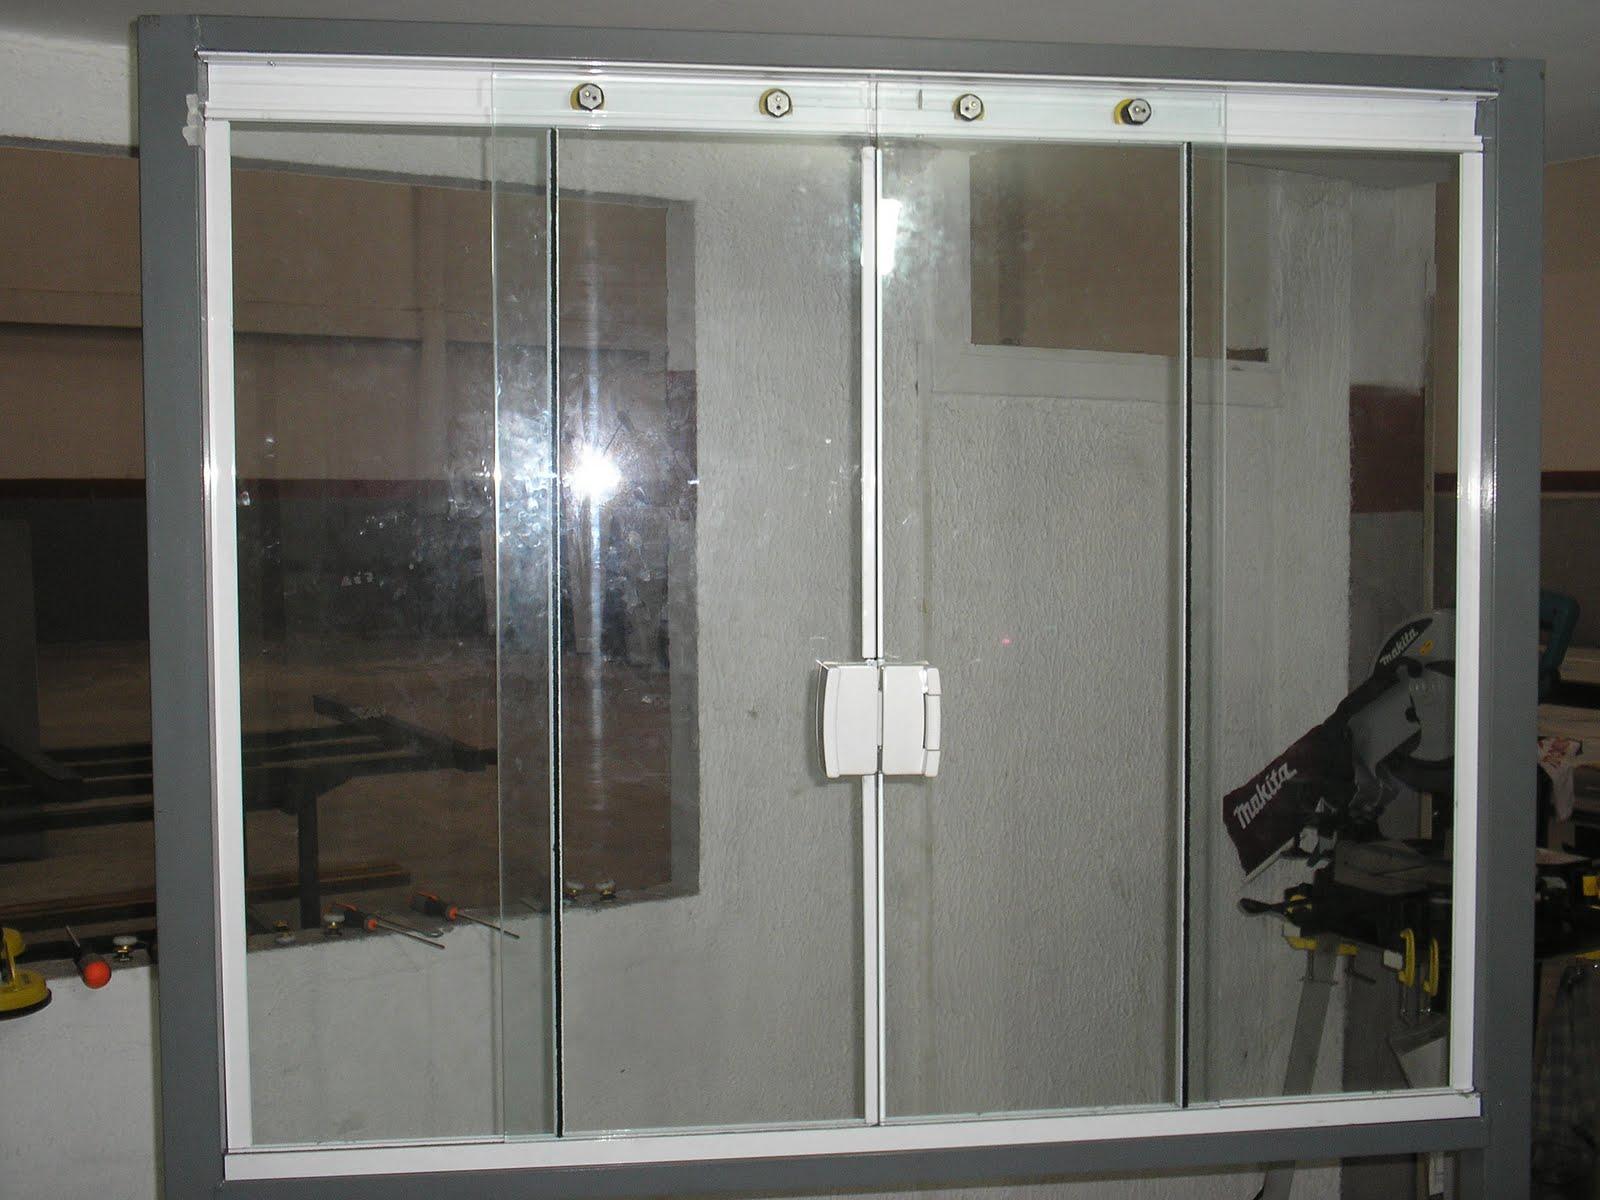 #594F42 Alumiglass Vidraçaria: Janelas em Vidro Temperado 276 Janelas De Vidro Rio Branco Acre